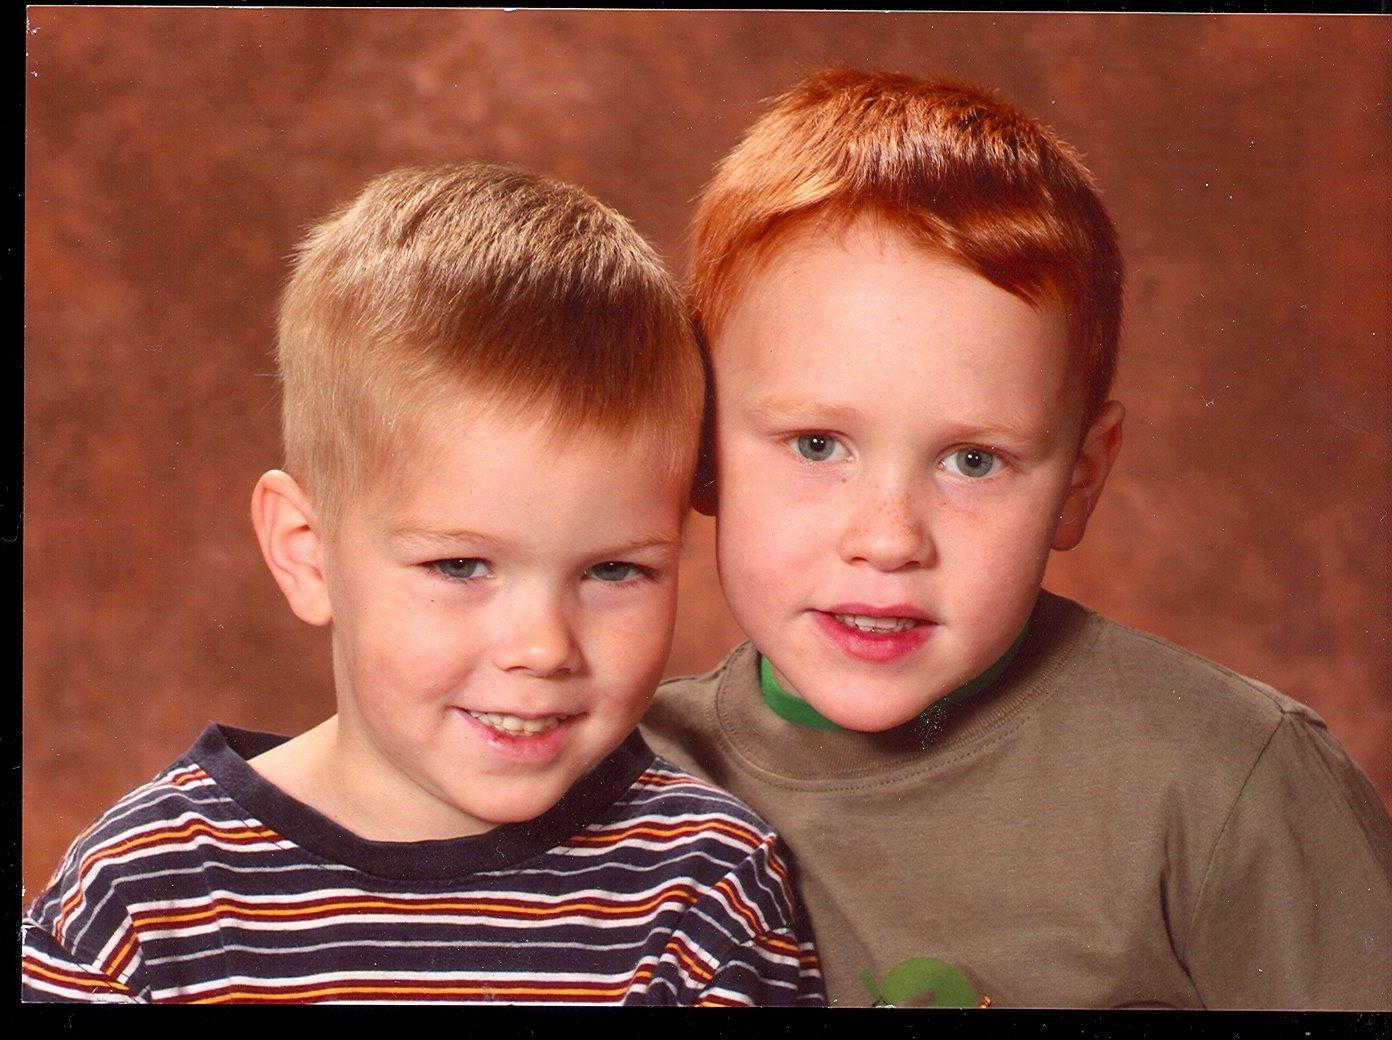 [Elston+and+Vaughn+School+Picture.jpg]